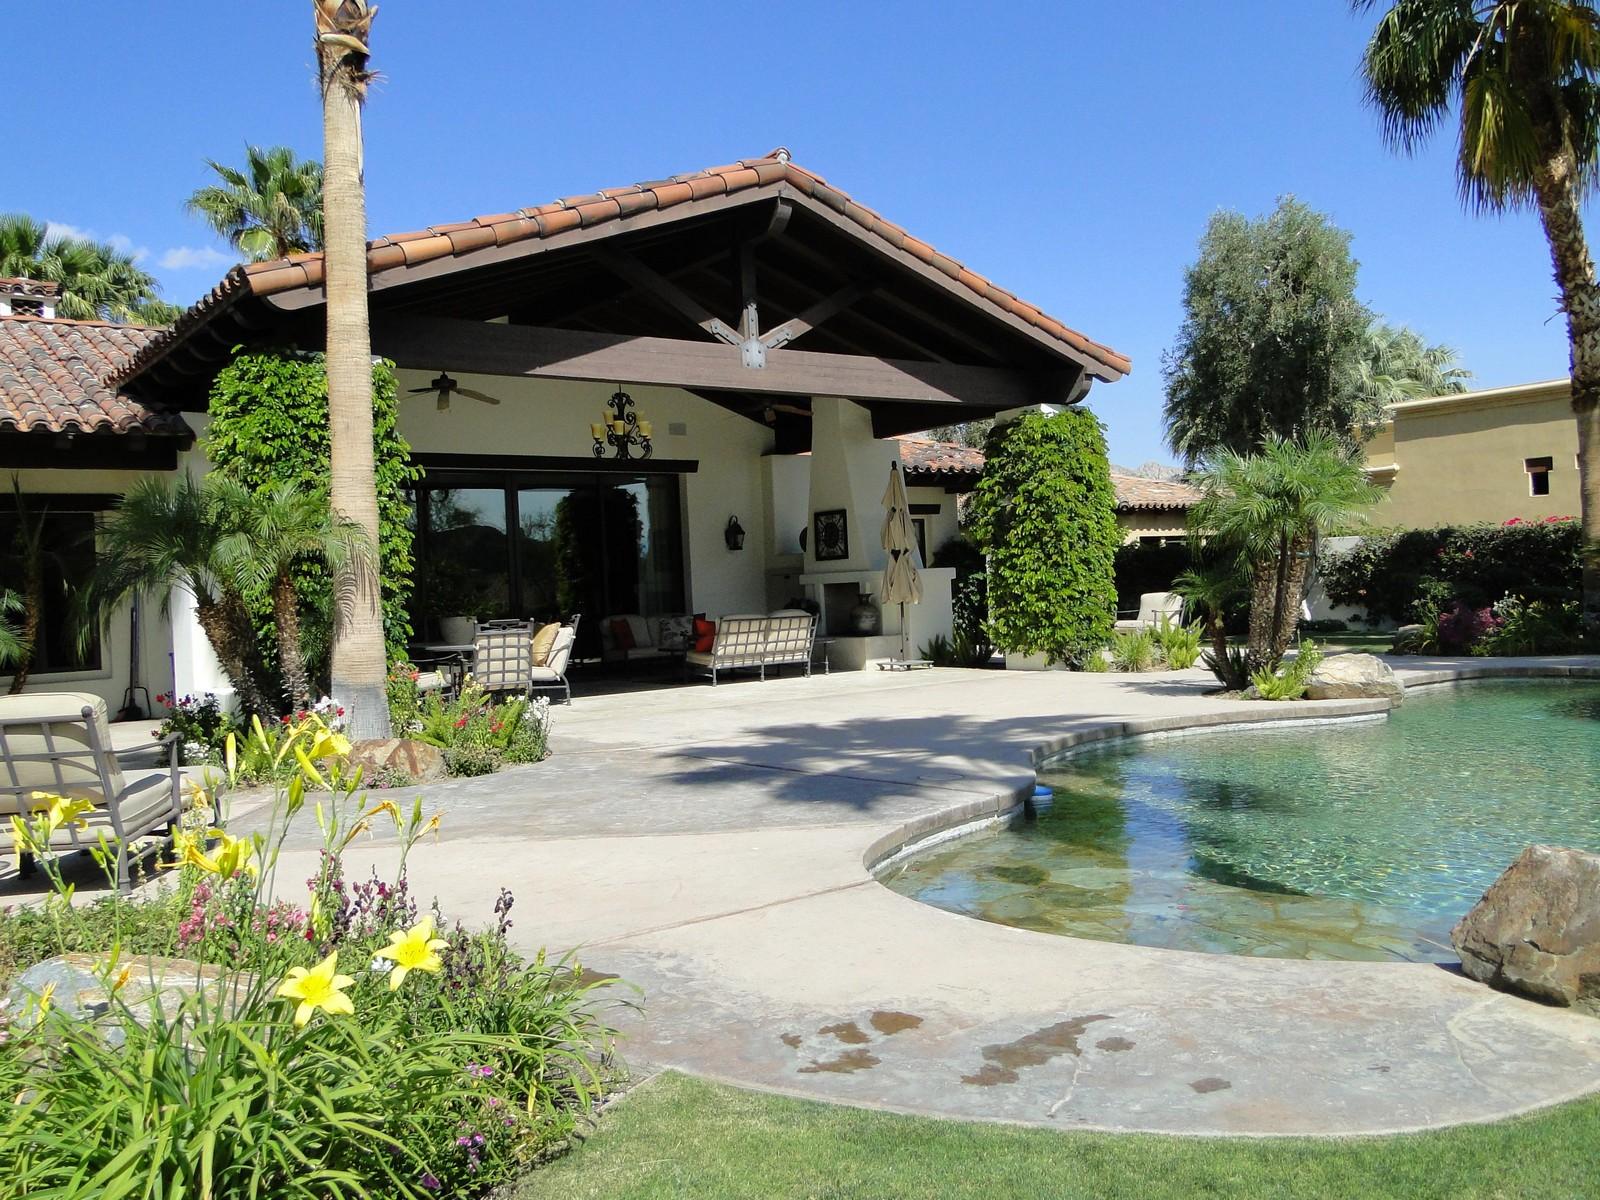 Villa per Vendita alle ore 52790 Del Gato Drive La Quinta, California, 92253 Stati Uniti